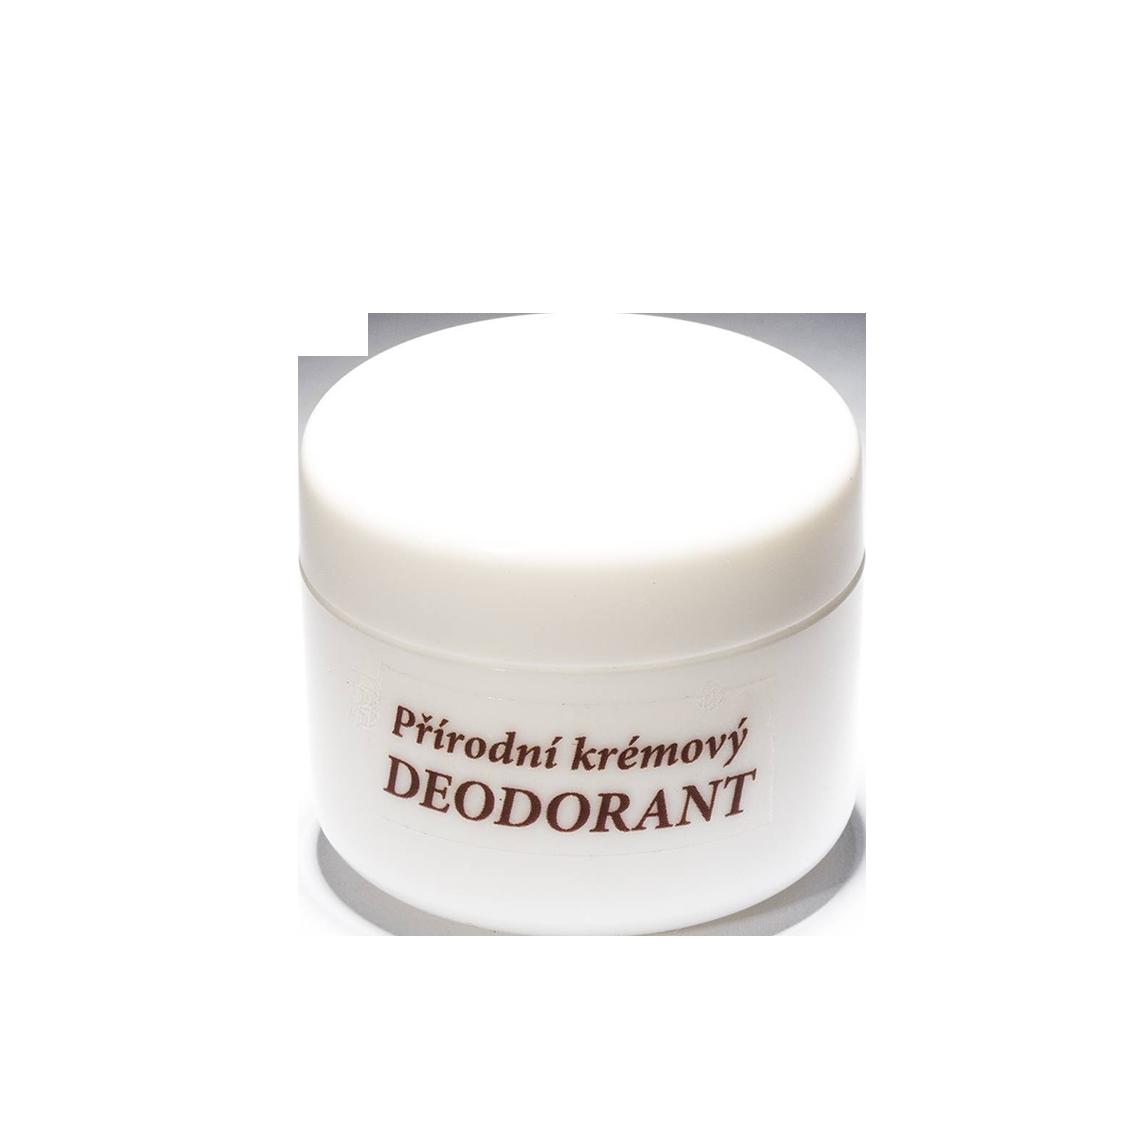 Přírodní krémový deodorant 50 ml - náplň (vůně dle výběru)